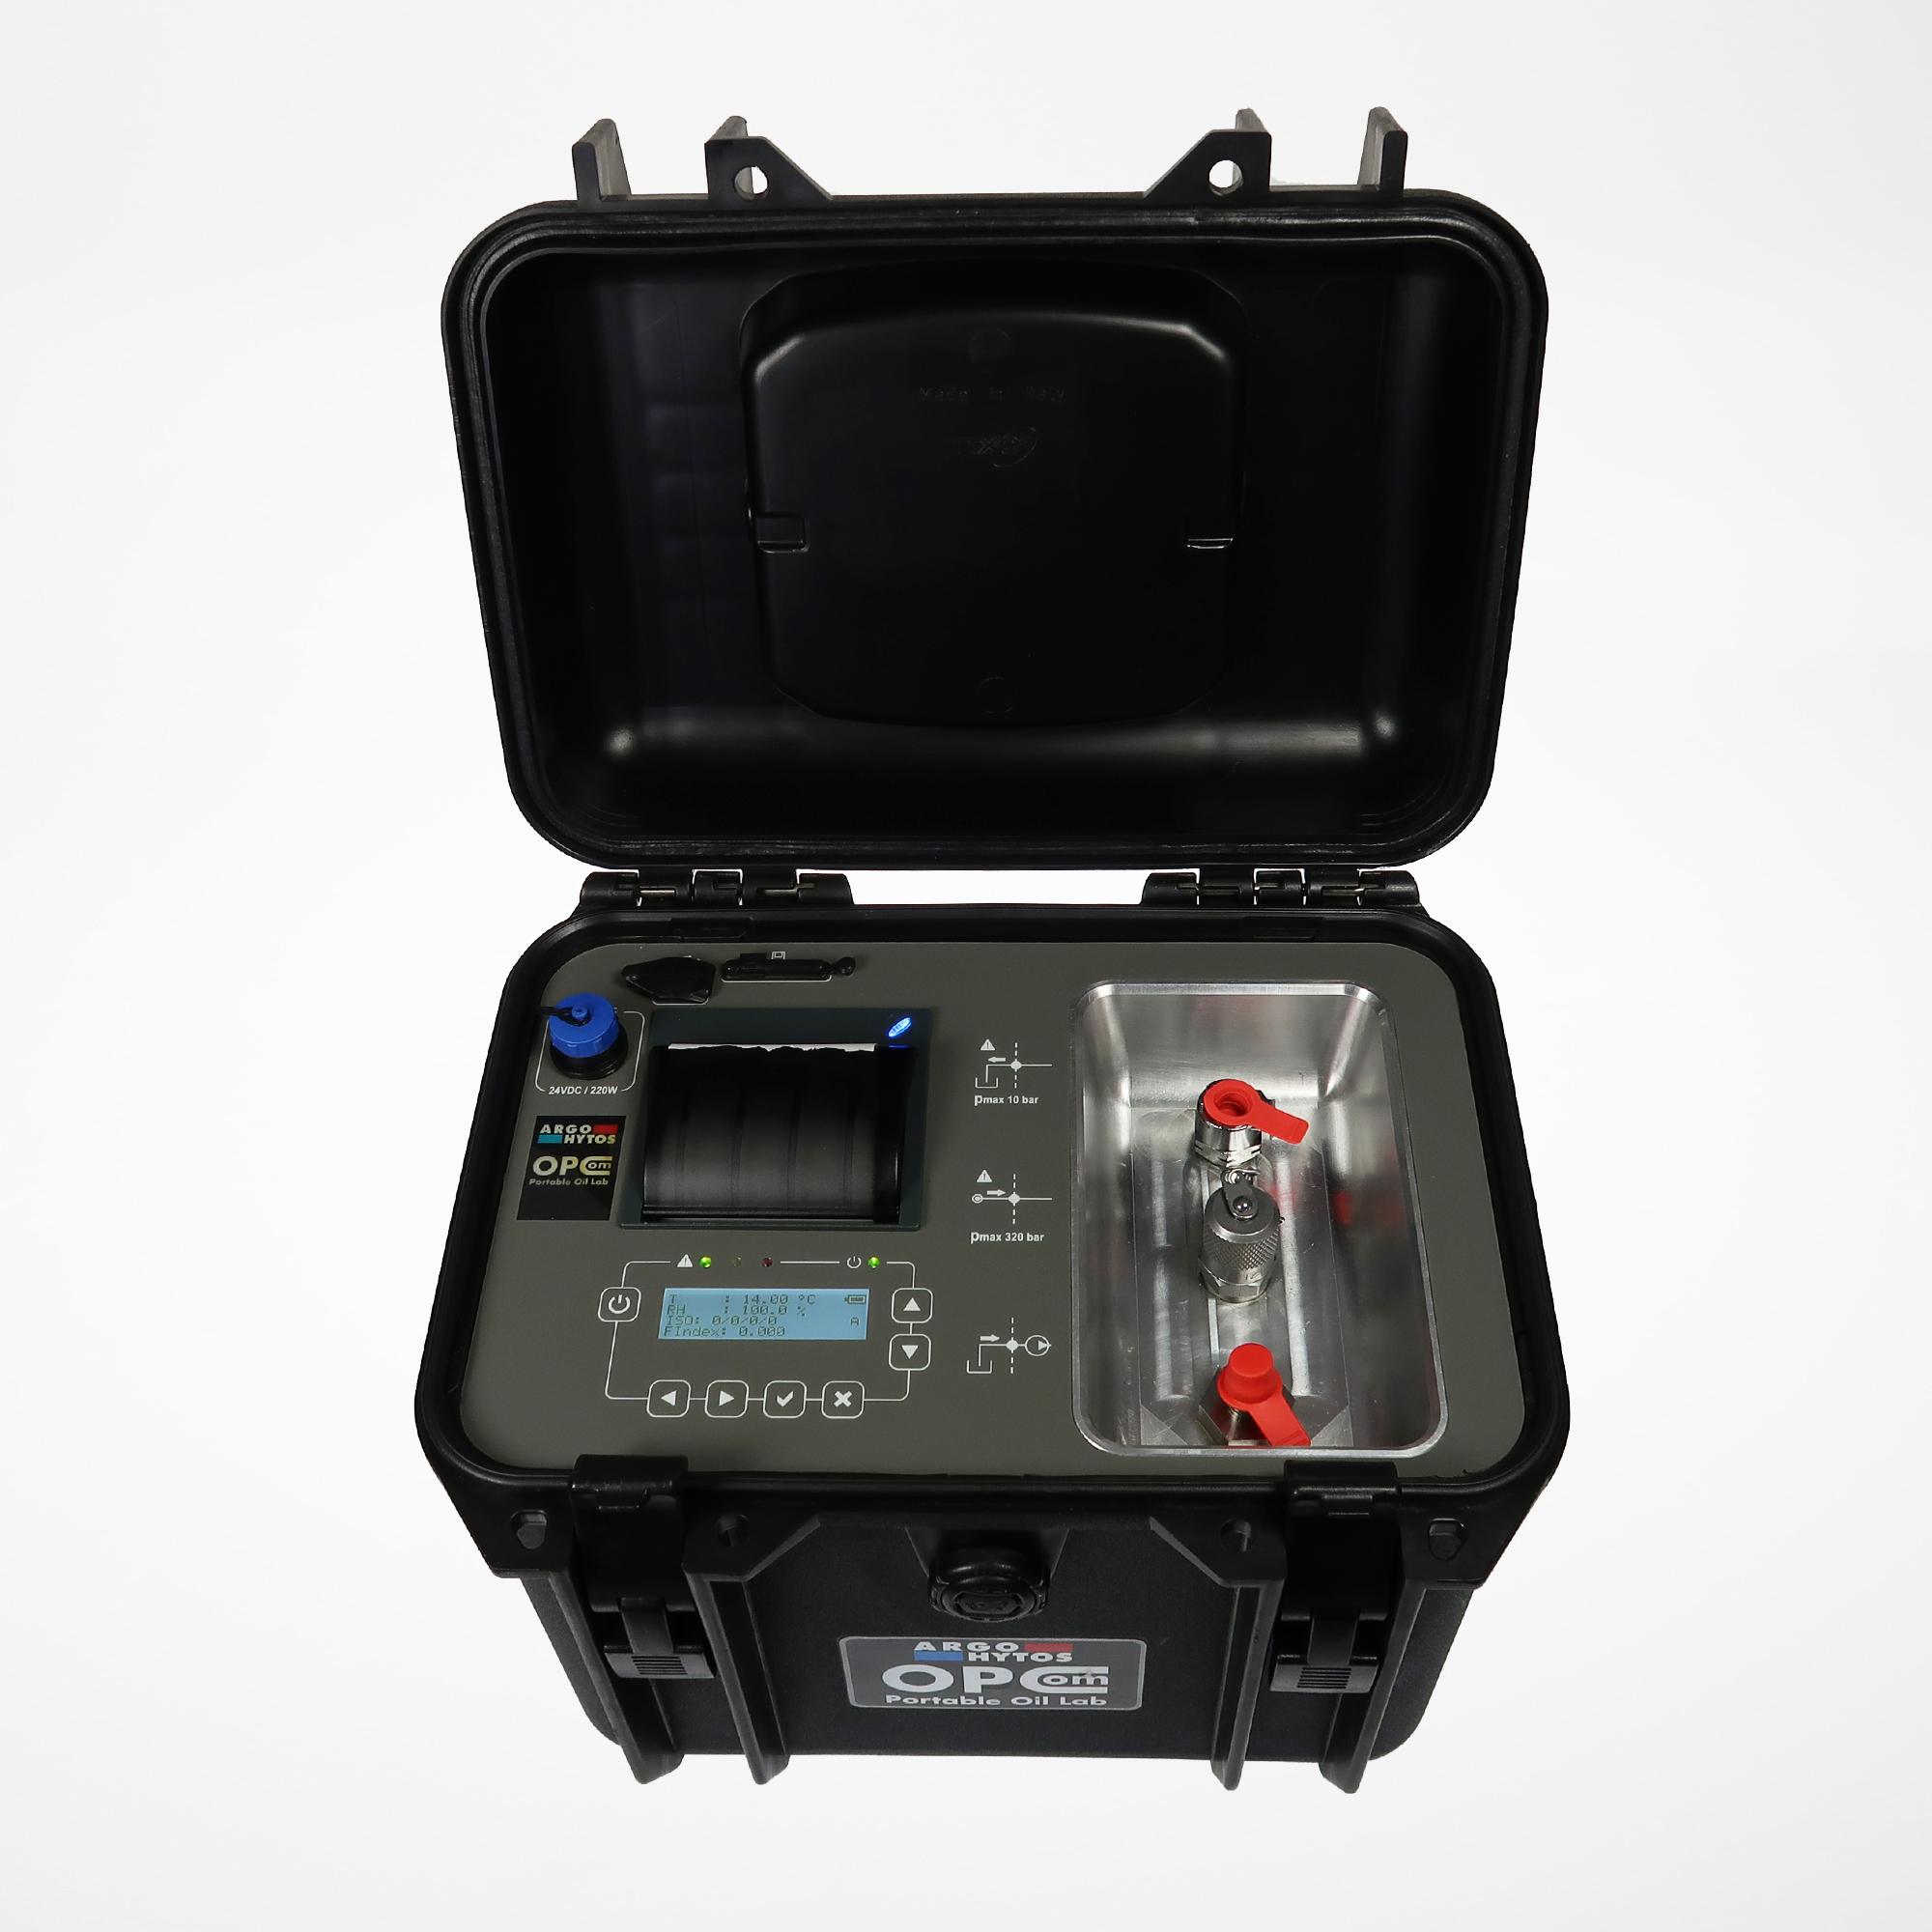 Mobil partikkelteller for hydraulikk og smøreolje, varenummer OPCom-Portable